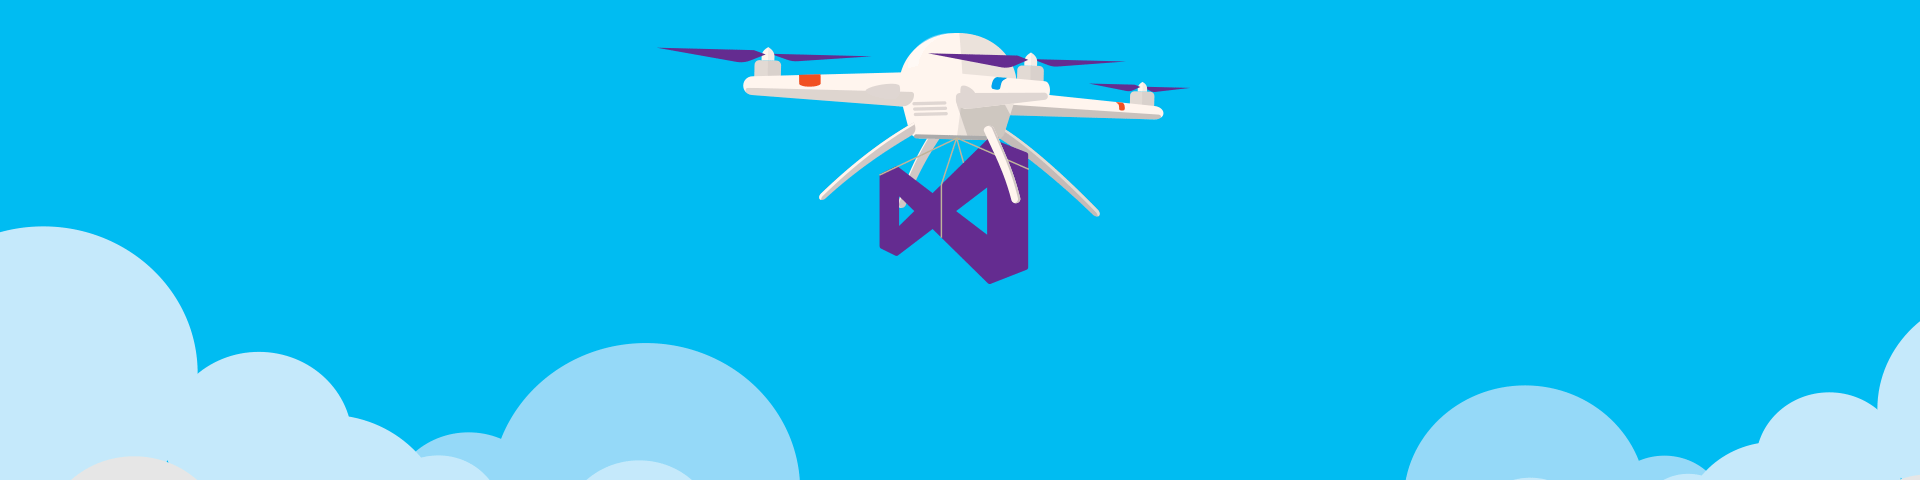 Ilustração de um drone a voar que transporta o logótipo do Visual Studio